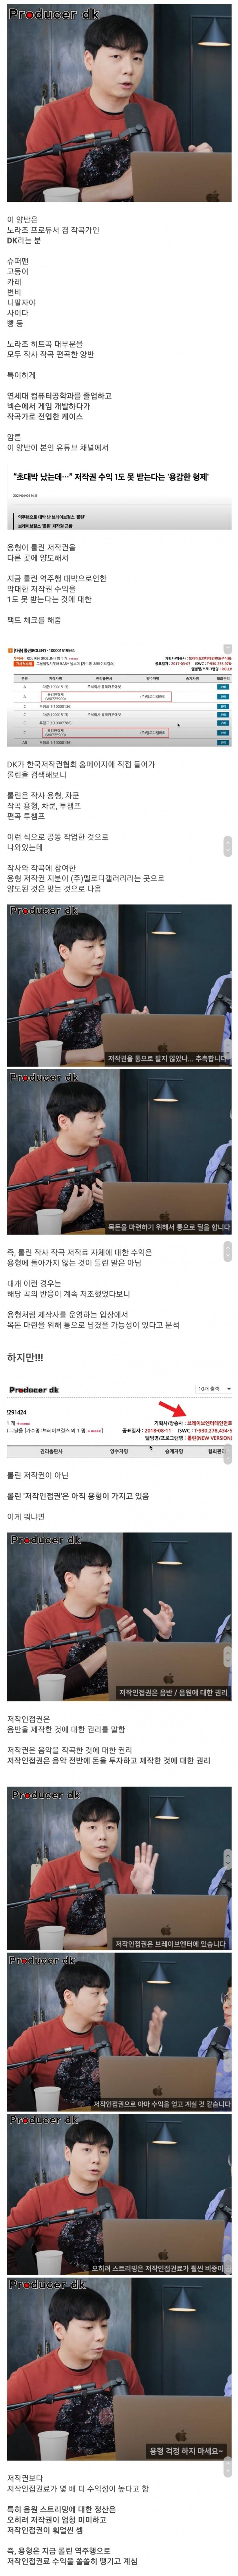 용형 롤린 작곡 저작료 팩트 | 인스티즈